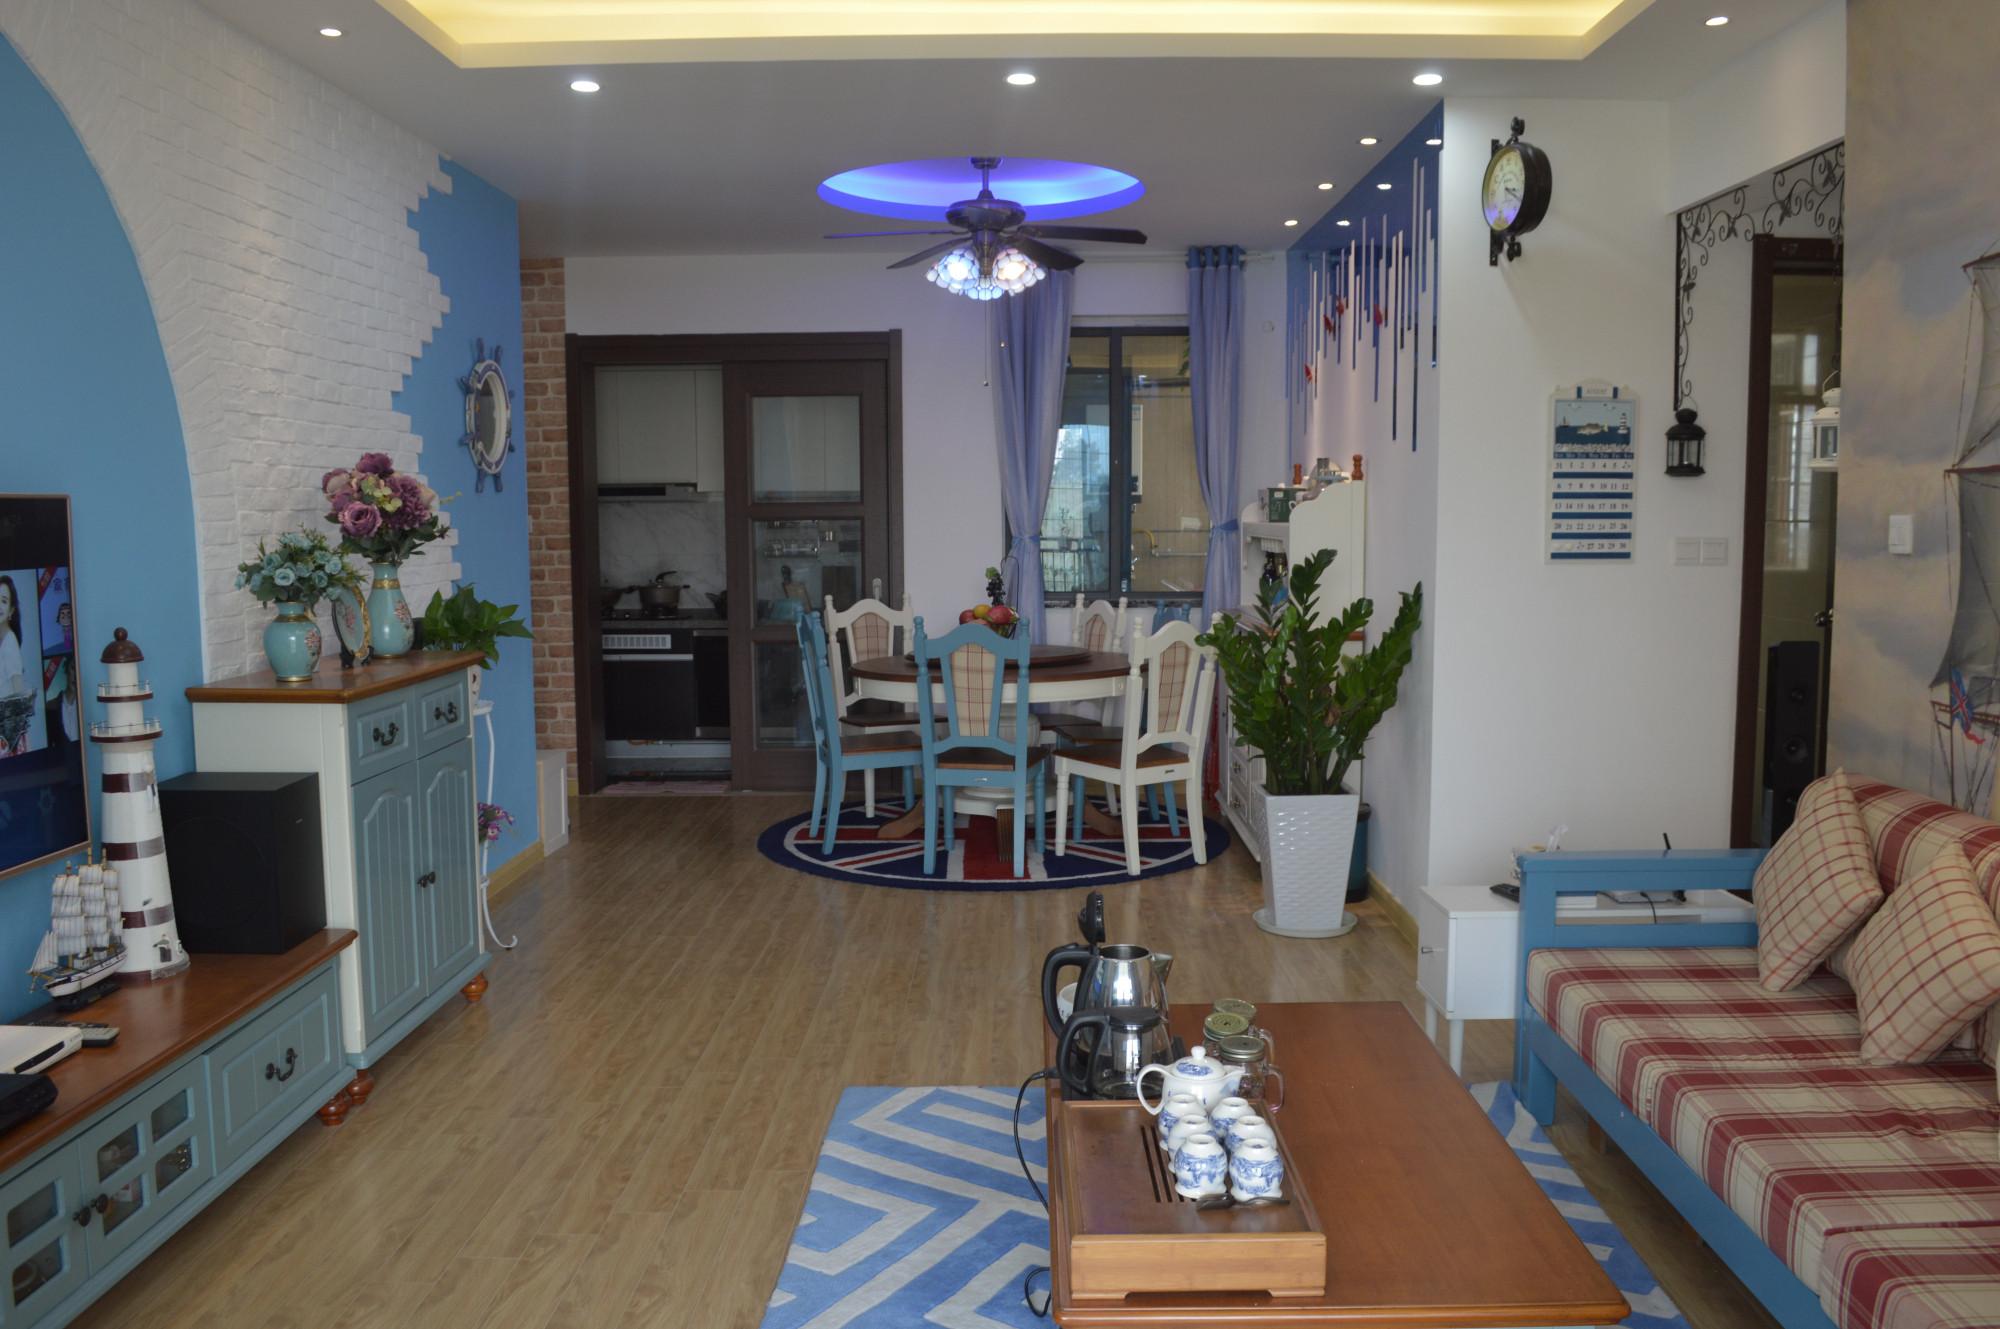 三居室地中海风格家客餐厅全景图